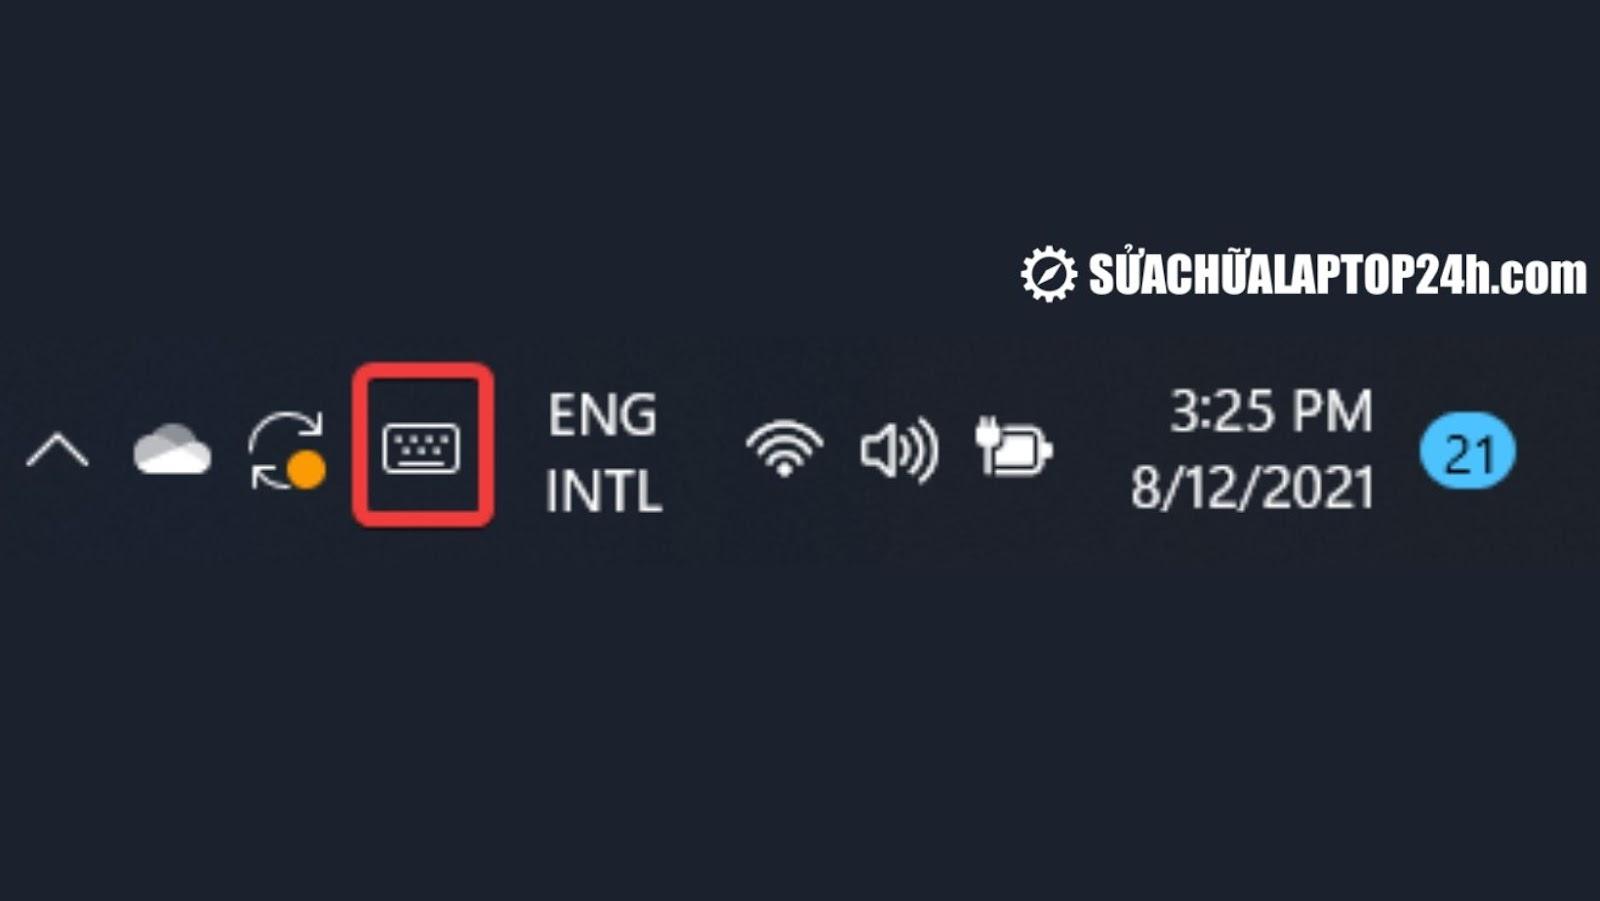 Bạn sẽ thấy biểu tượng bàn phím ảo góc bên phải thanh tác vụ